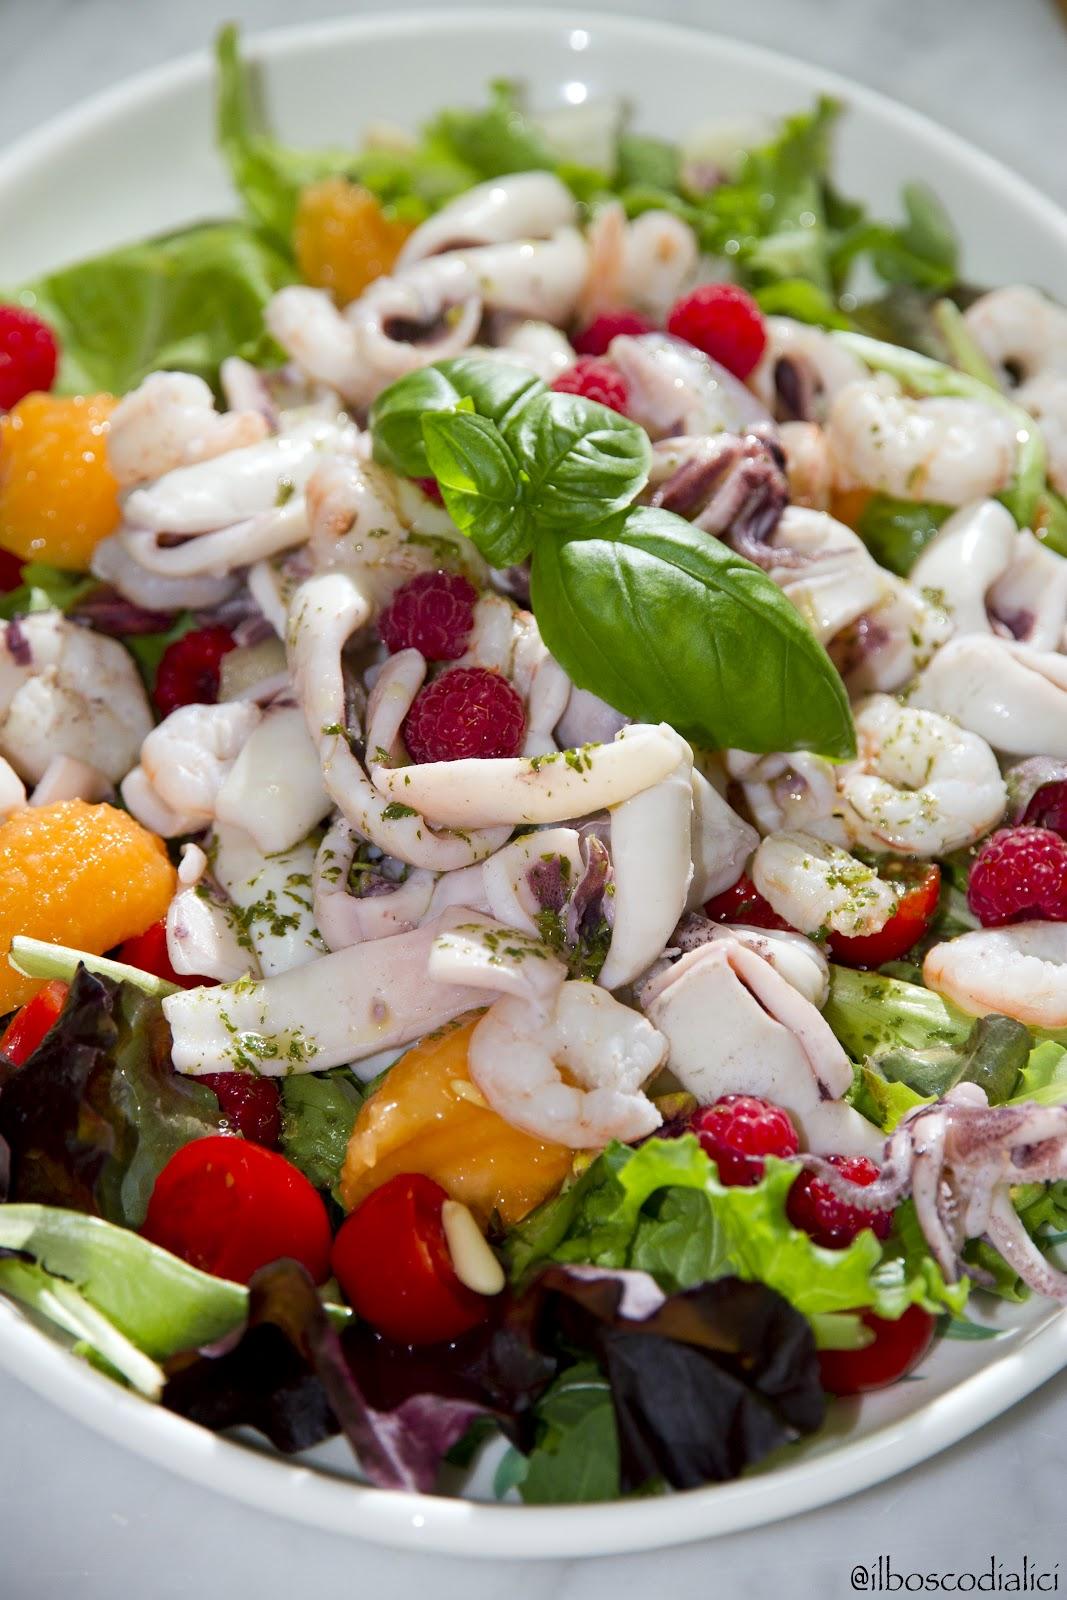 Top il bosco di alici: Insalata tiepida di mare con frutta e verdura PI26